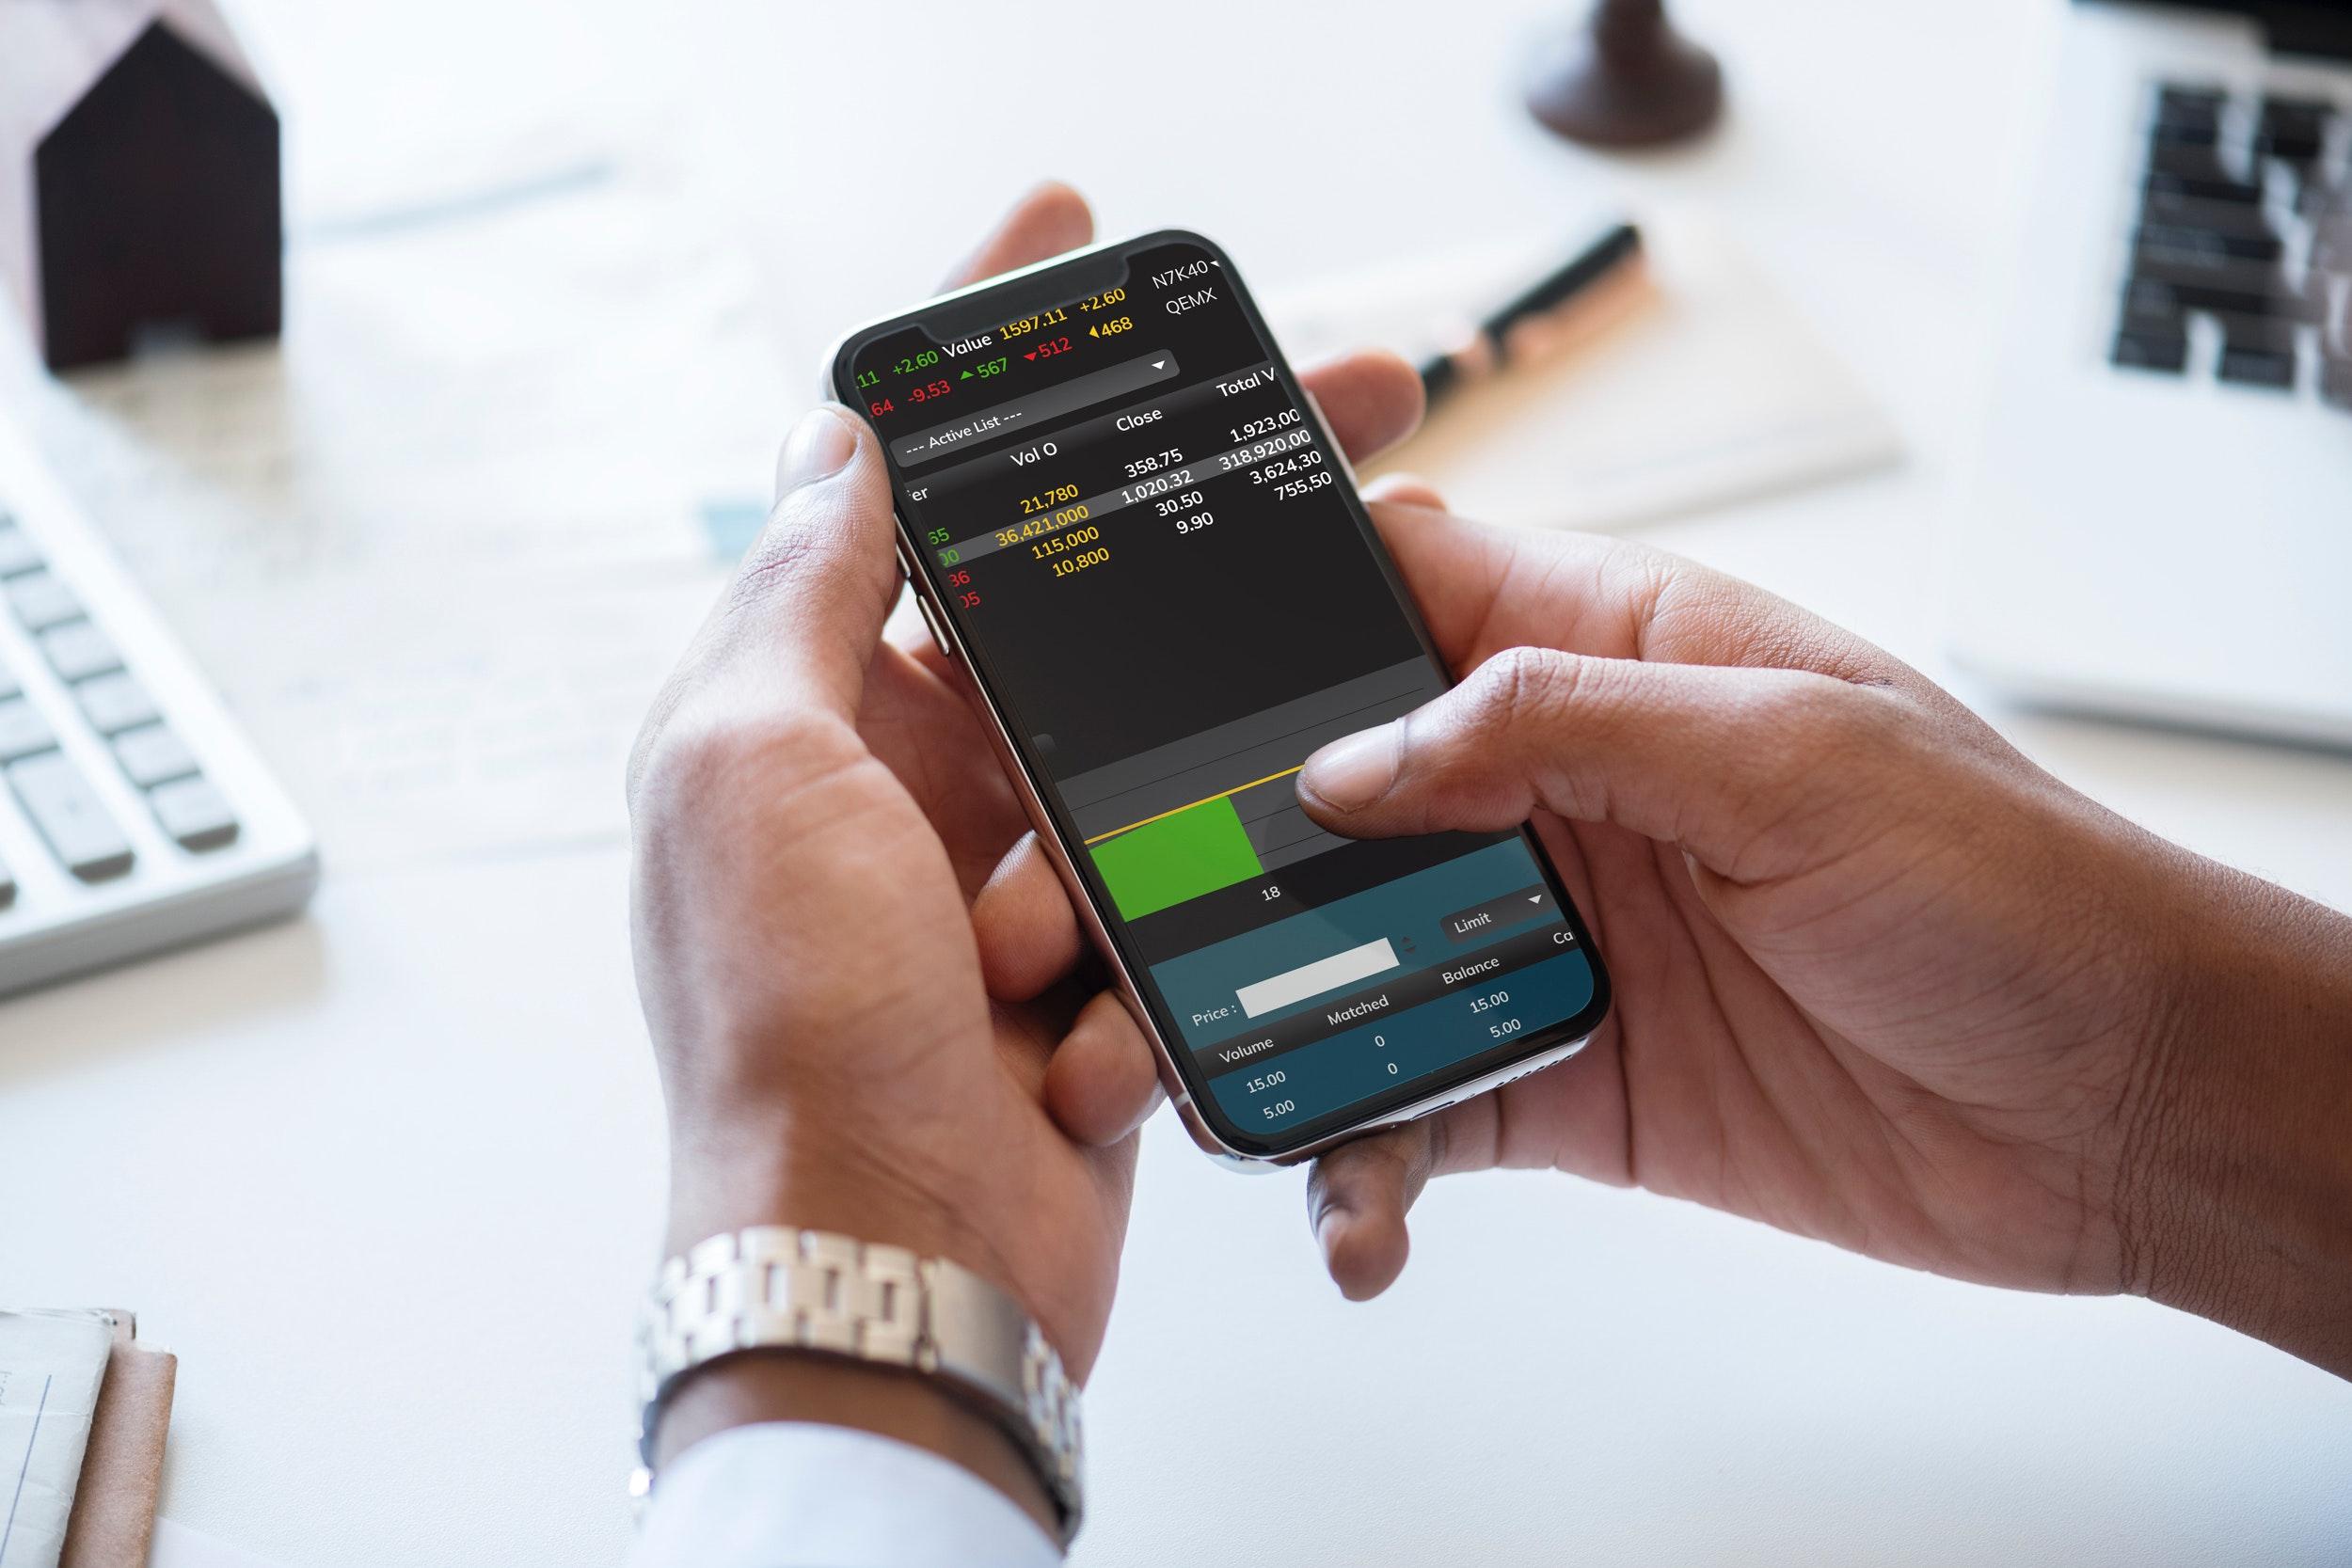 application-business-businessman-905869 (1).jpg